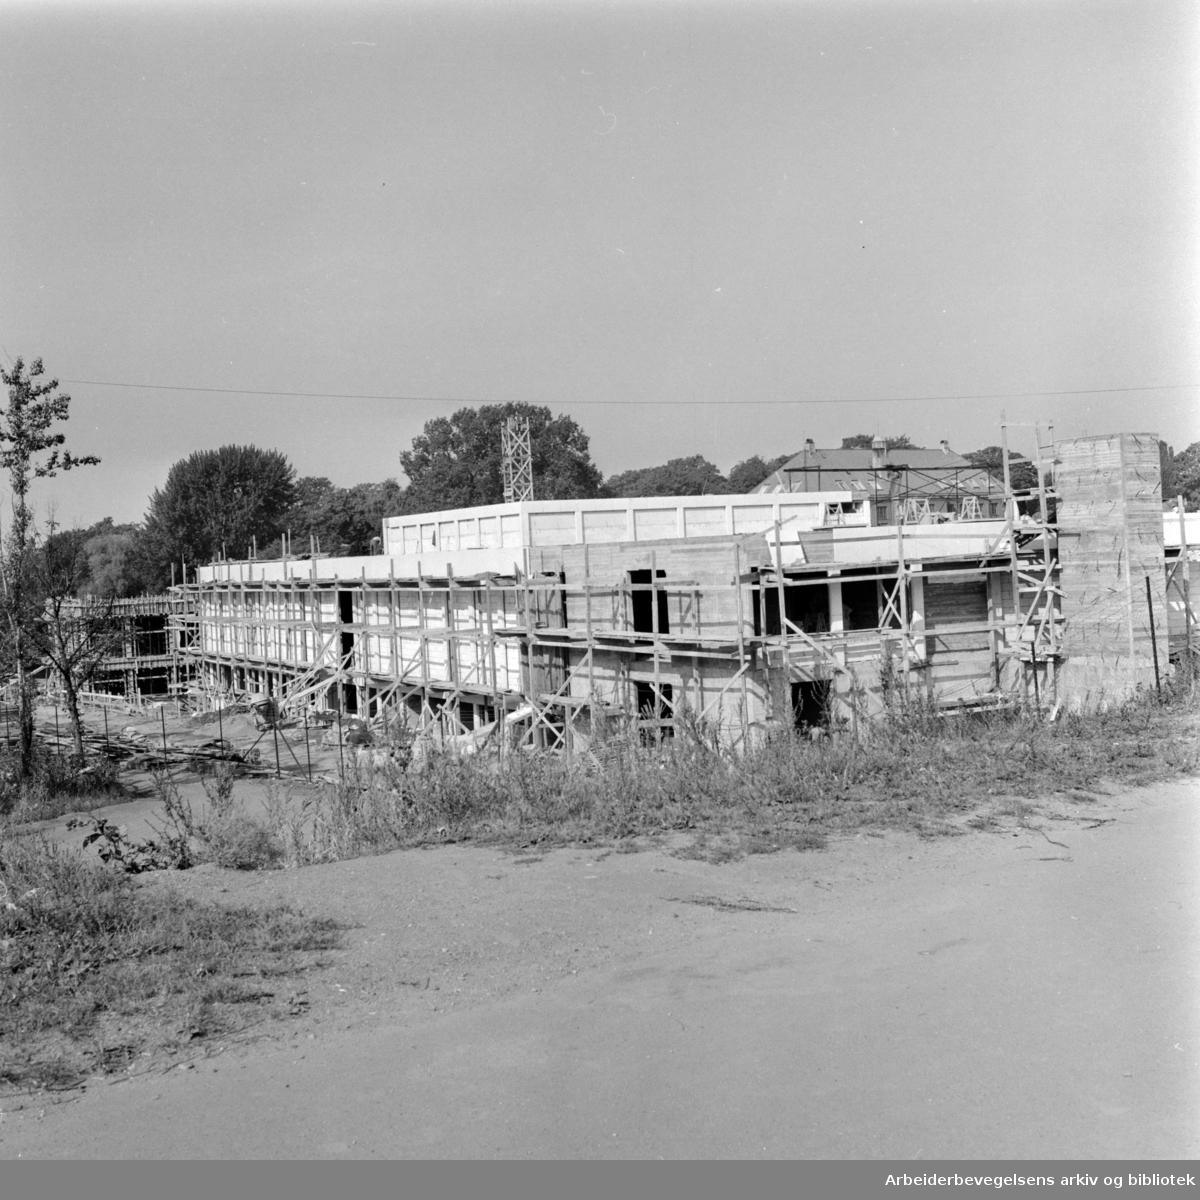 Munchmuseet på Tøyen, kranselag. September 1961